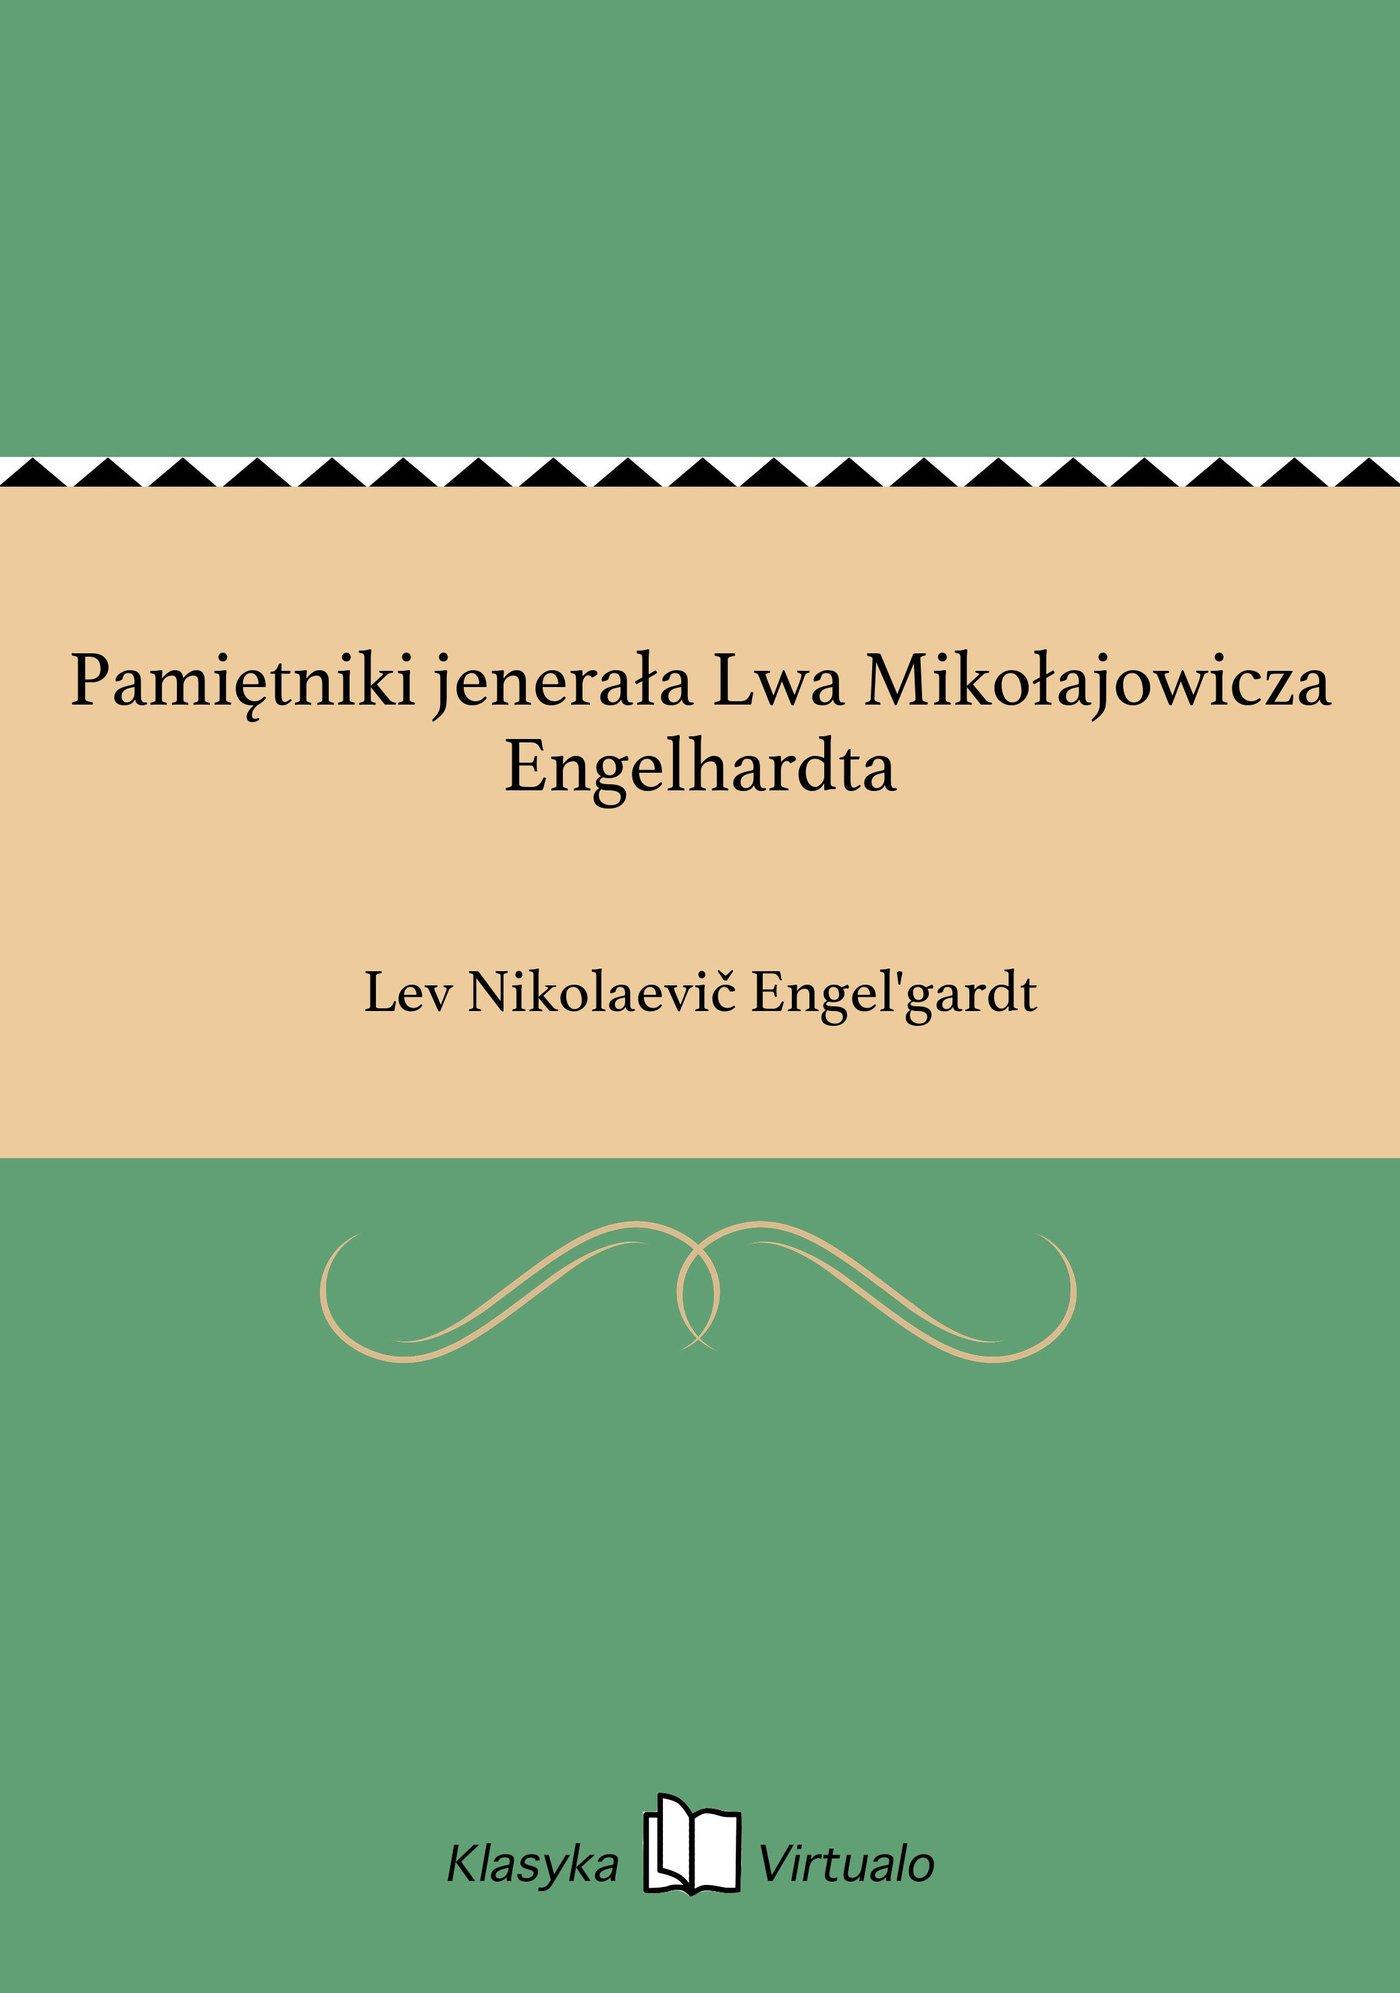 Pamiętniki jenerała Lwa Mikołajowicza Engelhardta - Ebook (Książka na Kindle) do pobrania w formacie MOBI